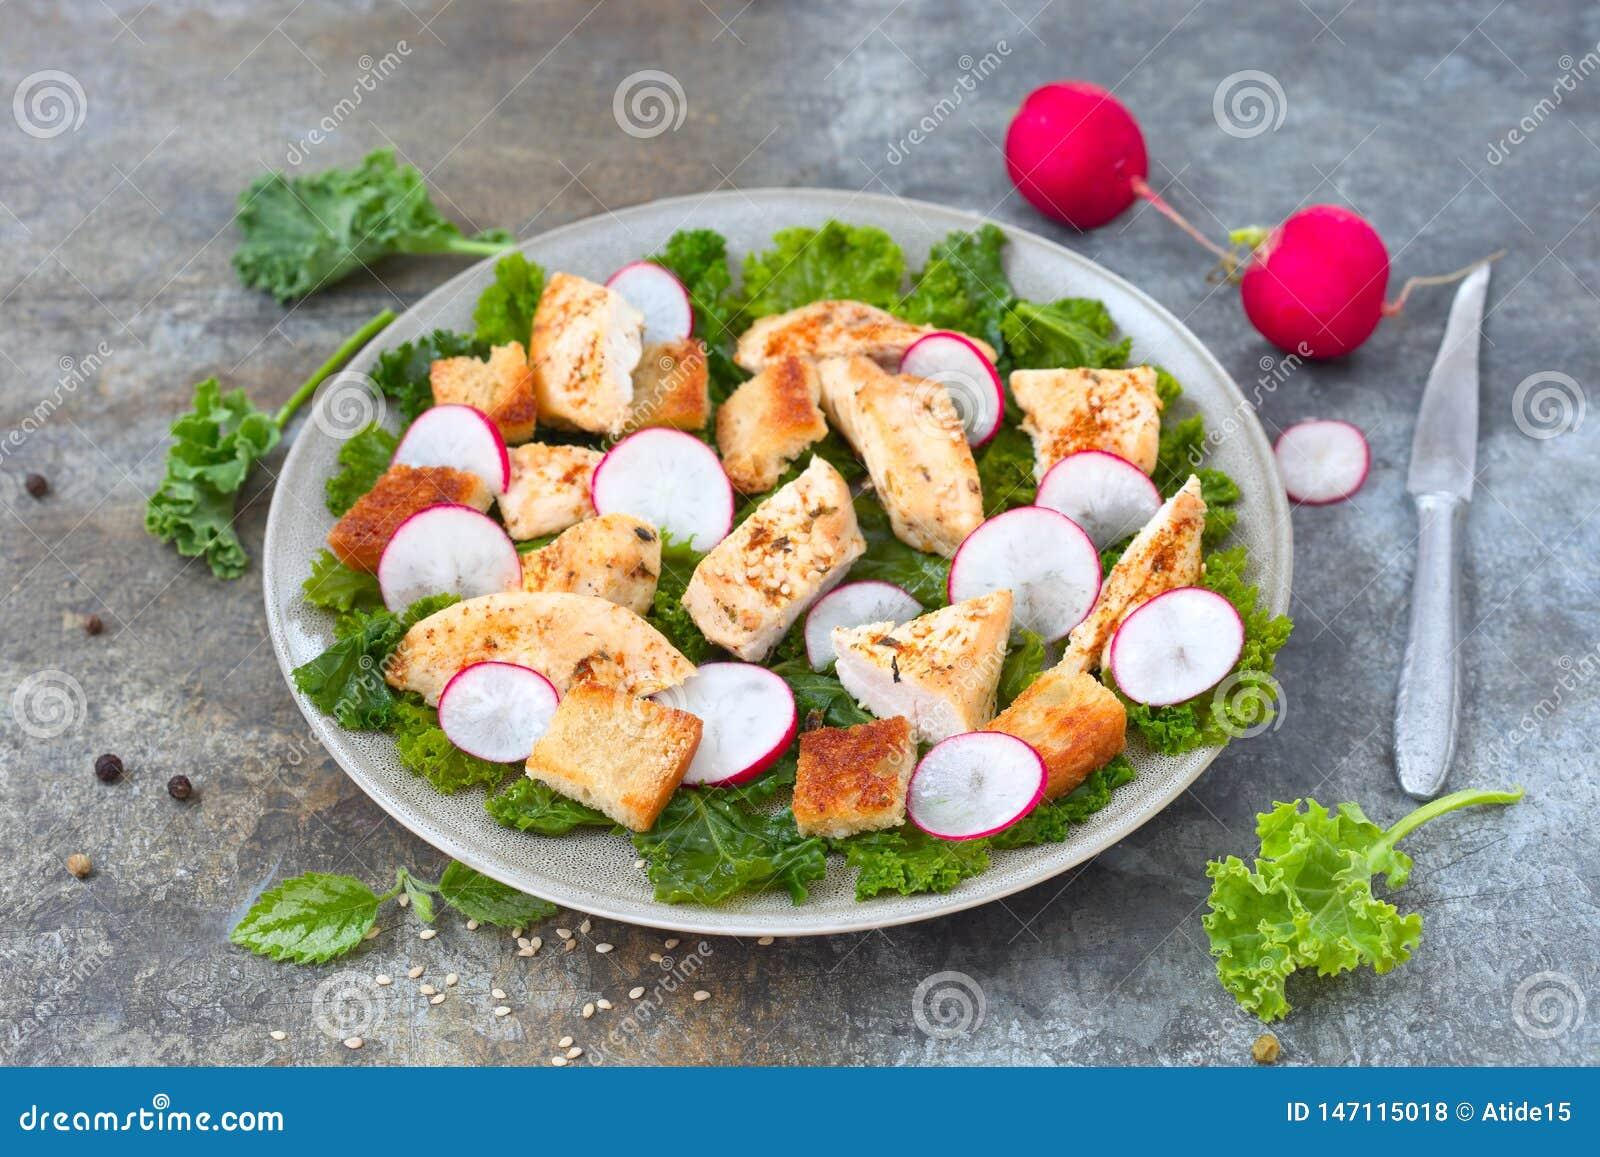 Salade de miette de pain